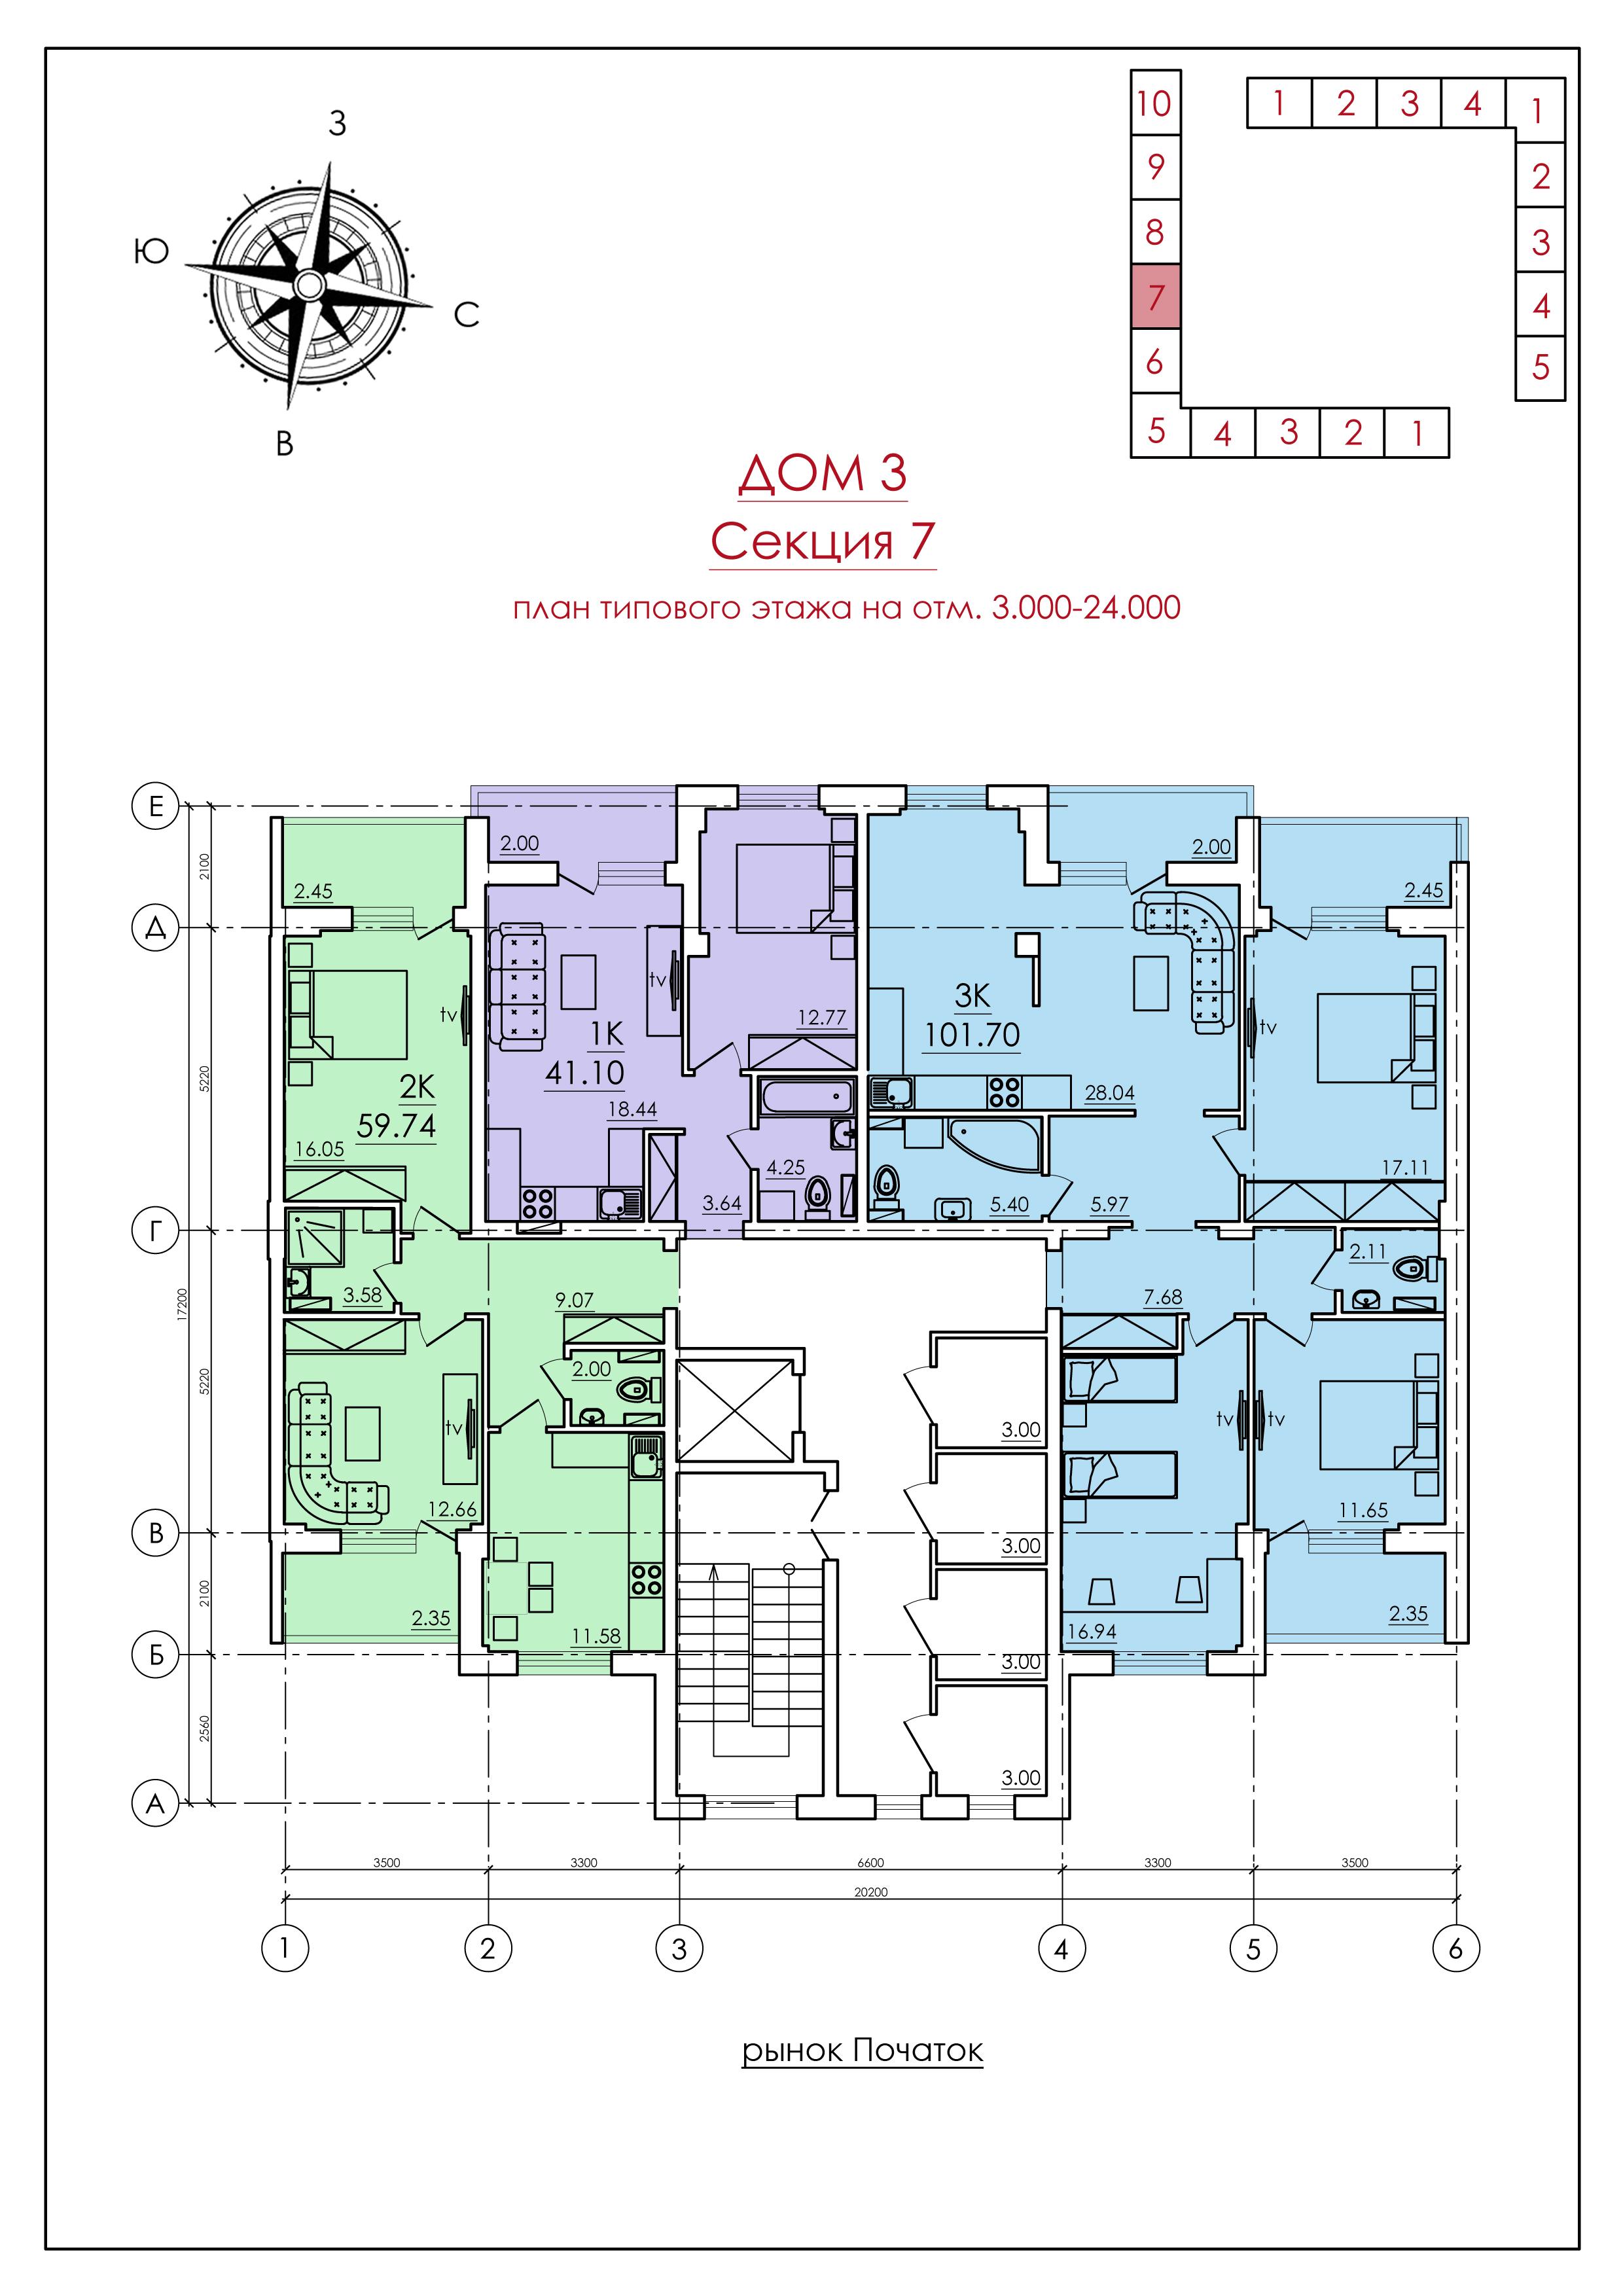 ЖК ECO Solaris (ЭКО Соларис ) / Дом №3 / 7 секция / План типового этажа